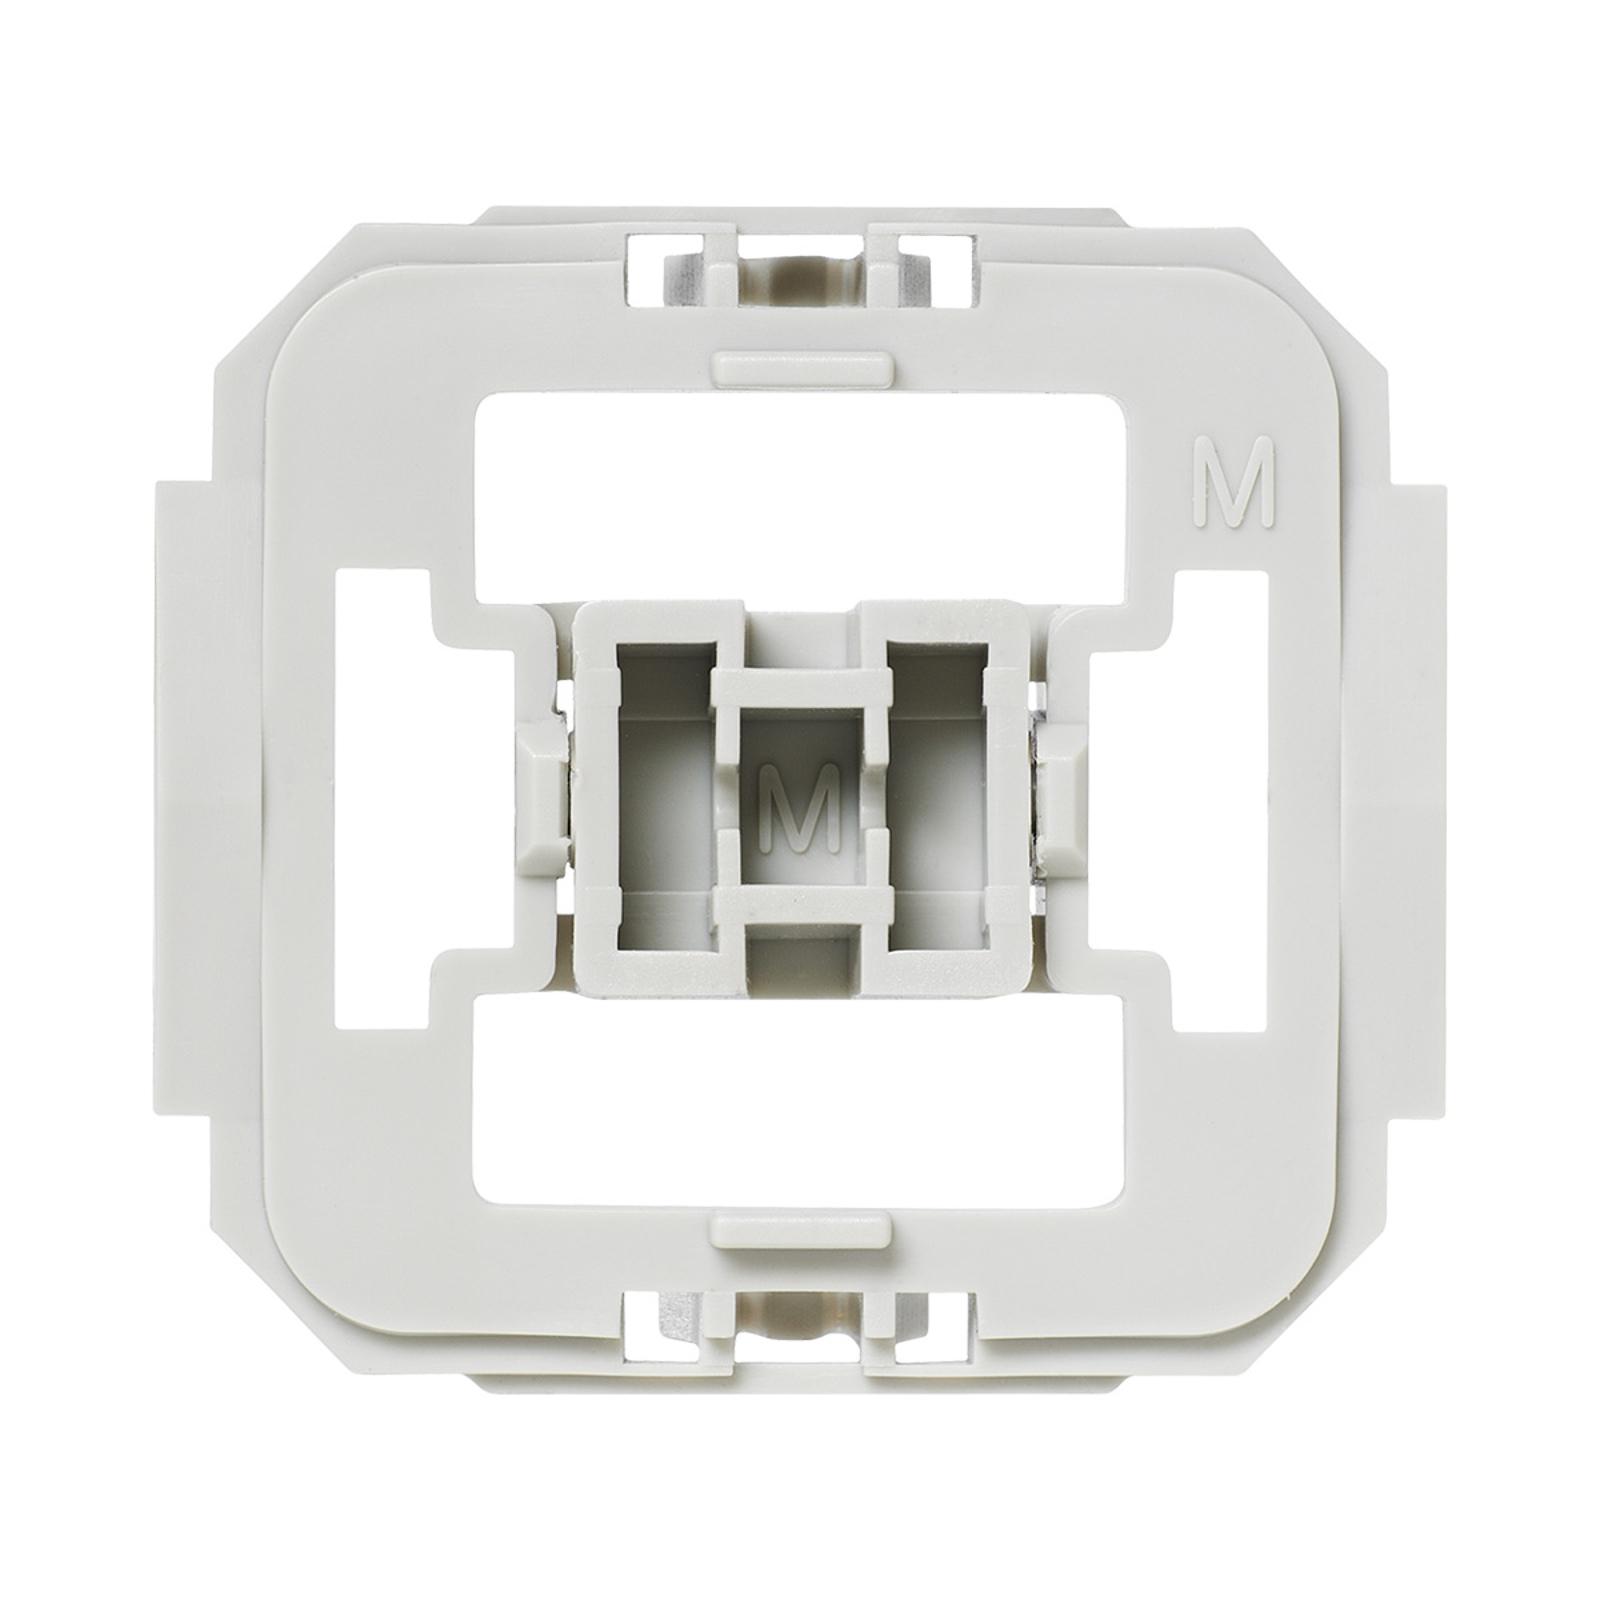 Homematic IP adaptateur interrupteurs Merten 1x